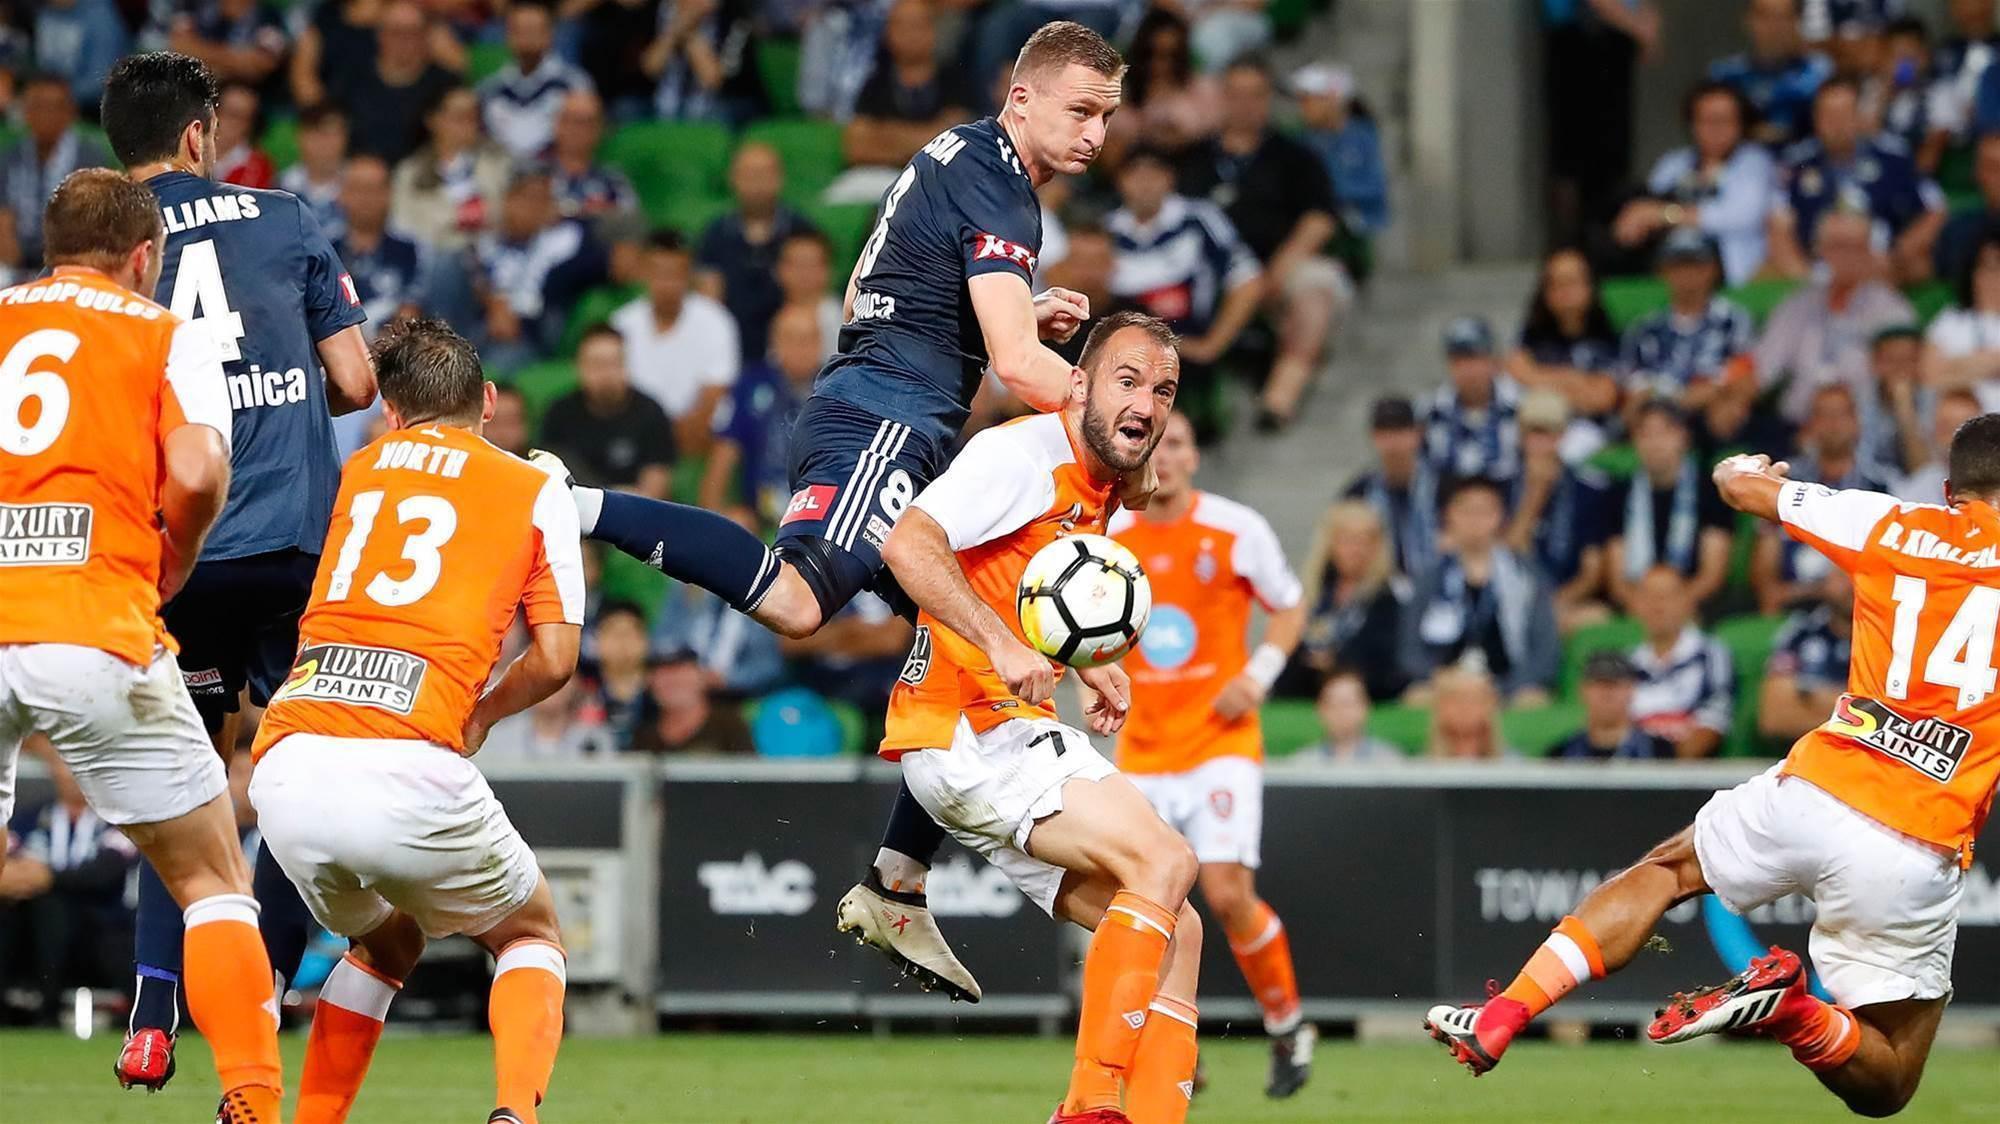 Melbourne Victory v Brisbane Roar player ratings